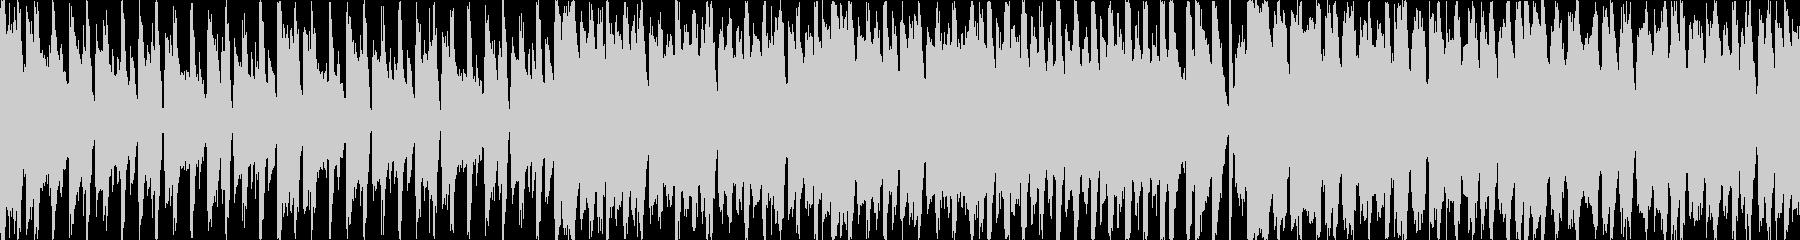 歌物っぽいノリ良い四つ打ちポップスの未再生の波形